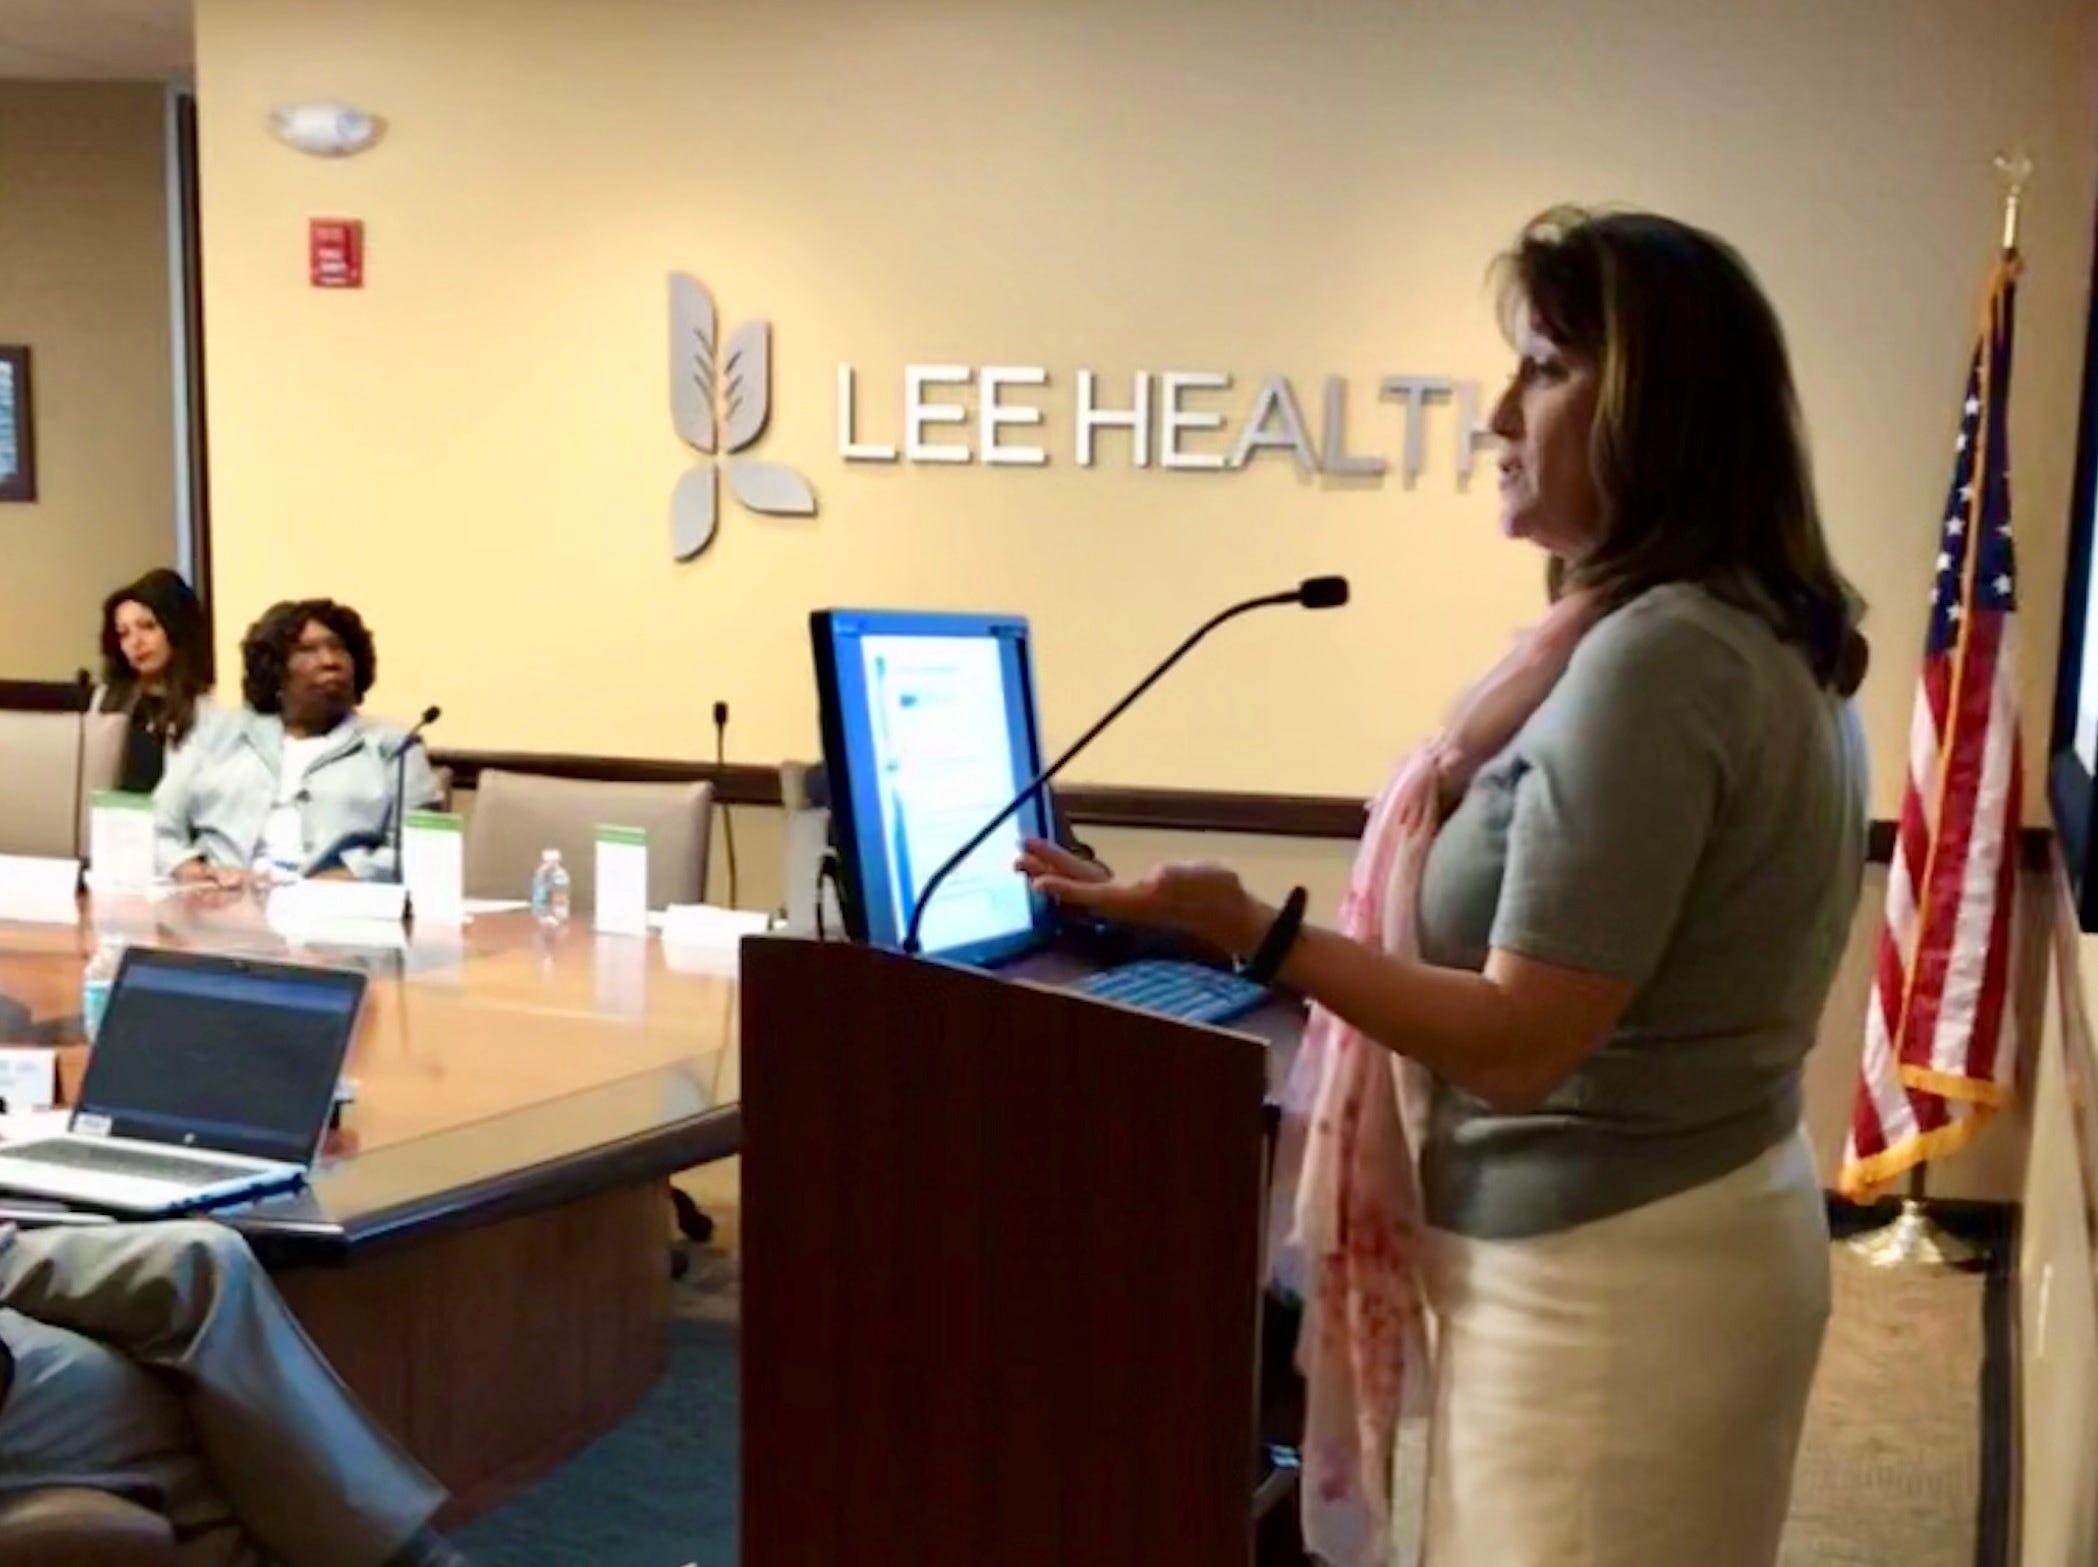 Florida's toxic algae crisis: Lee Health outlines response plan